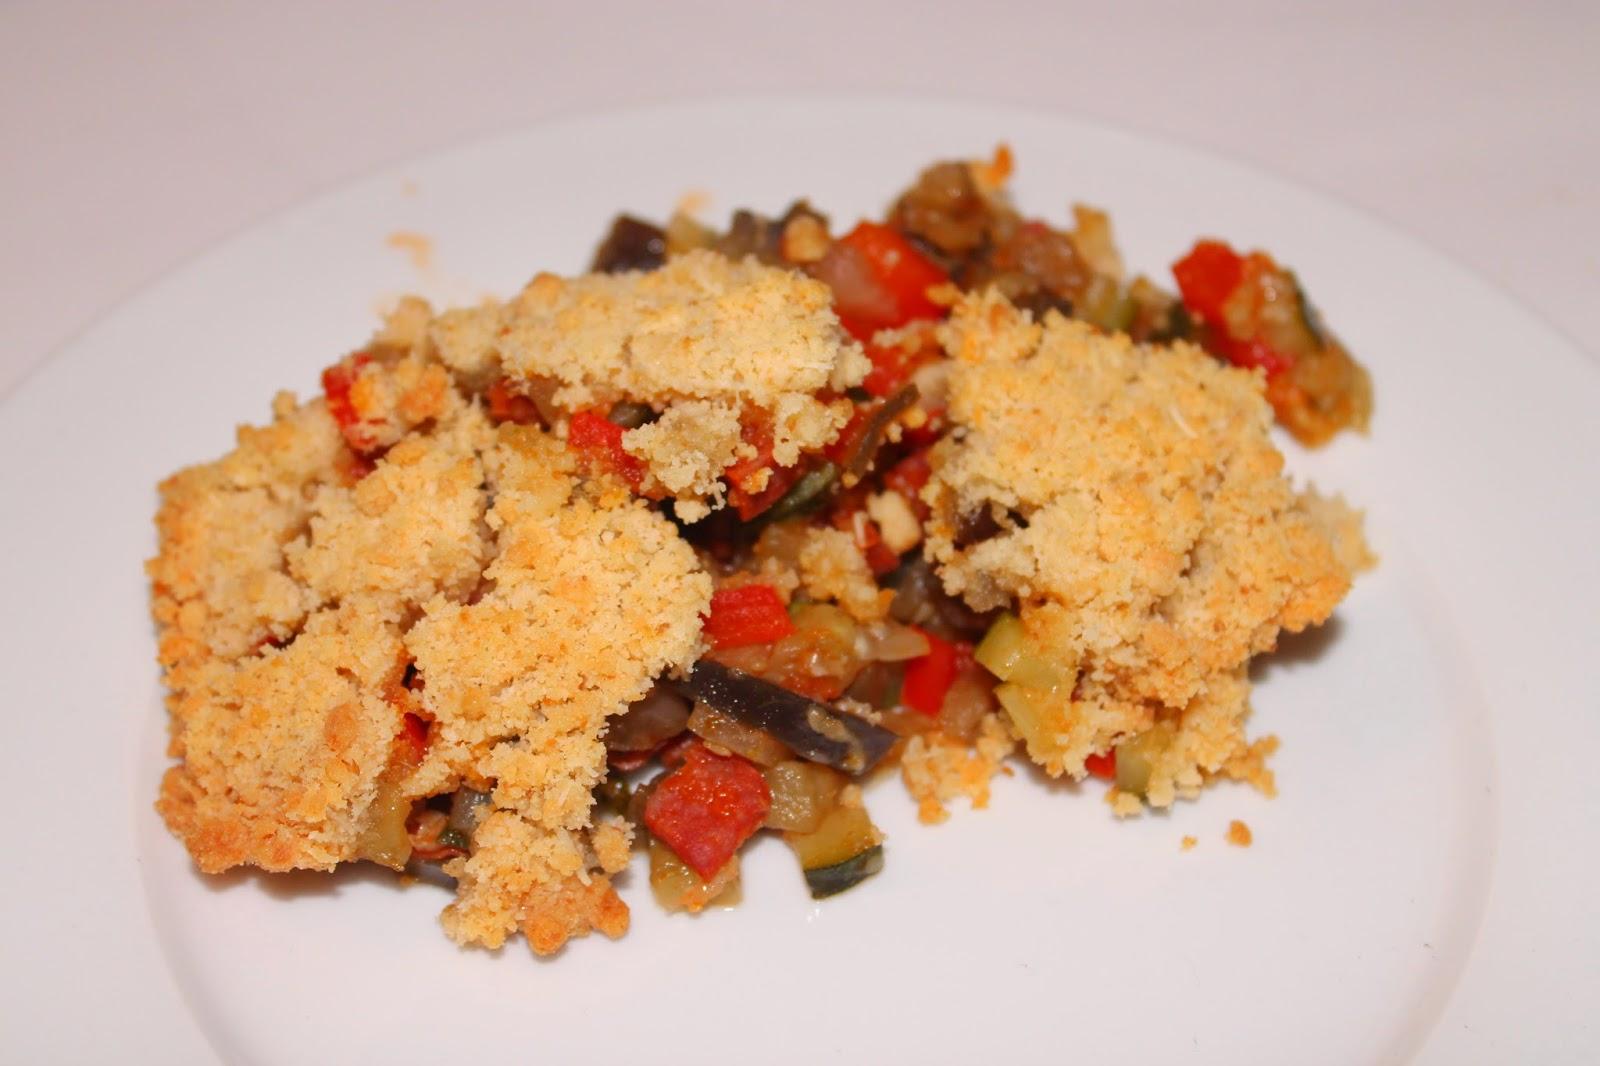 Recettes de cuisine v g tarienne par recettes faciles - Cuisine vegetarienne simple et rapide ...